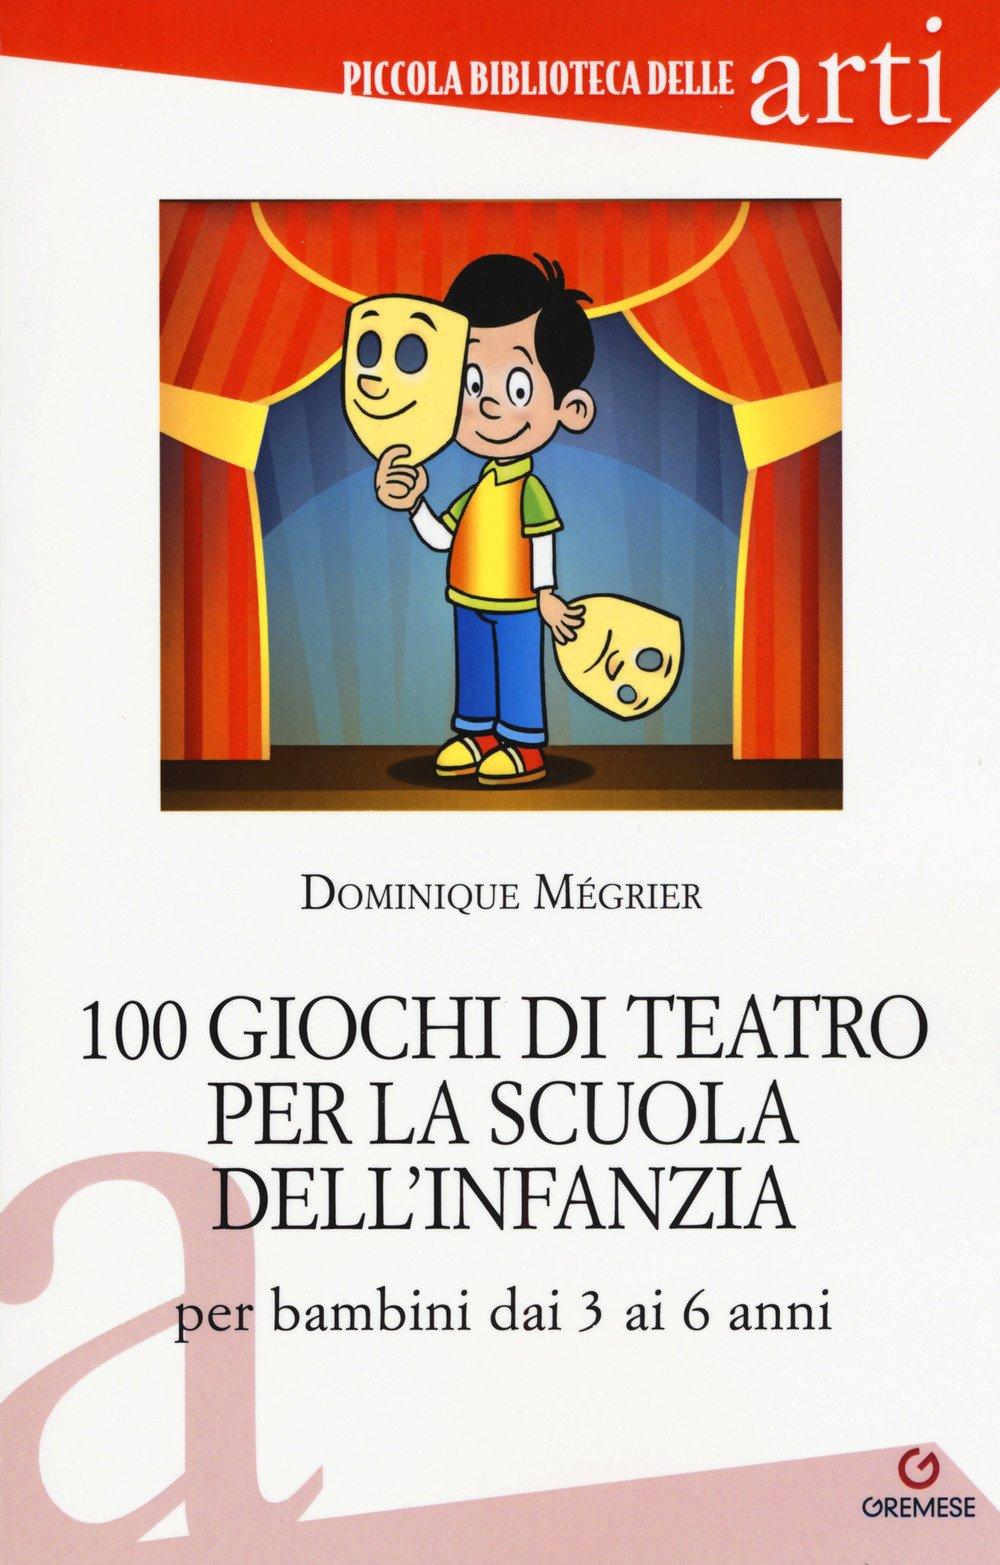 100 Giochi Di Teatro Per La Scuola Dellinfanzia Per Bambini Dai 3